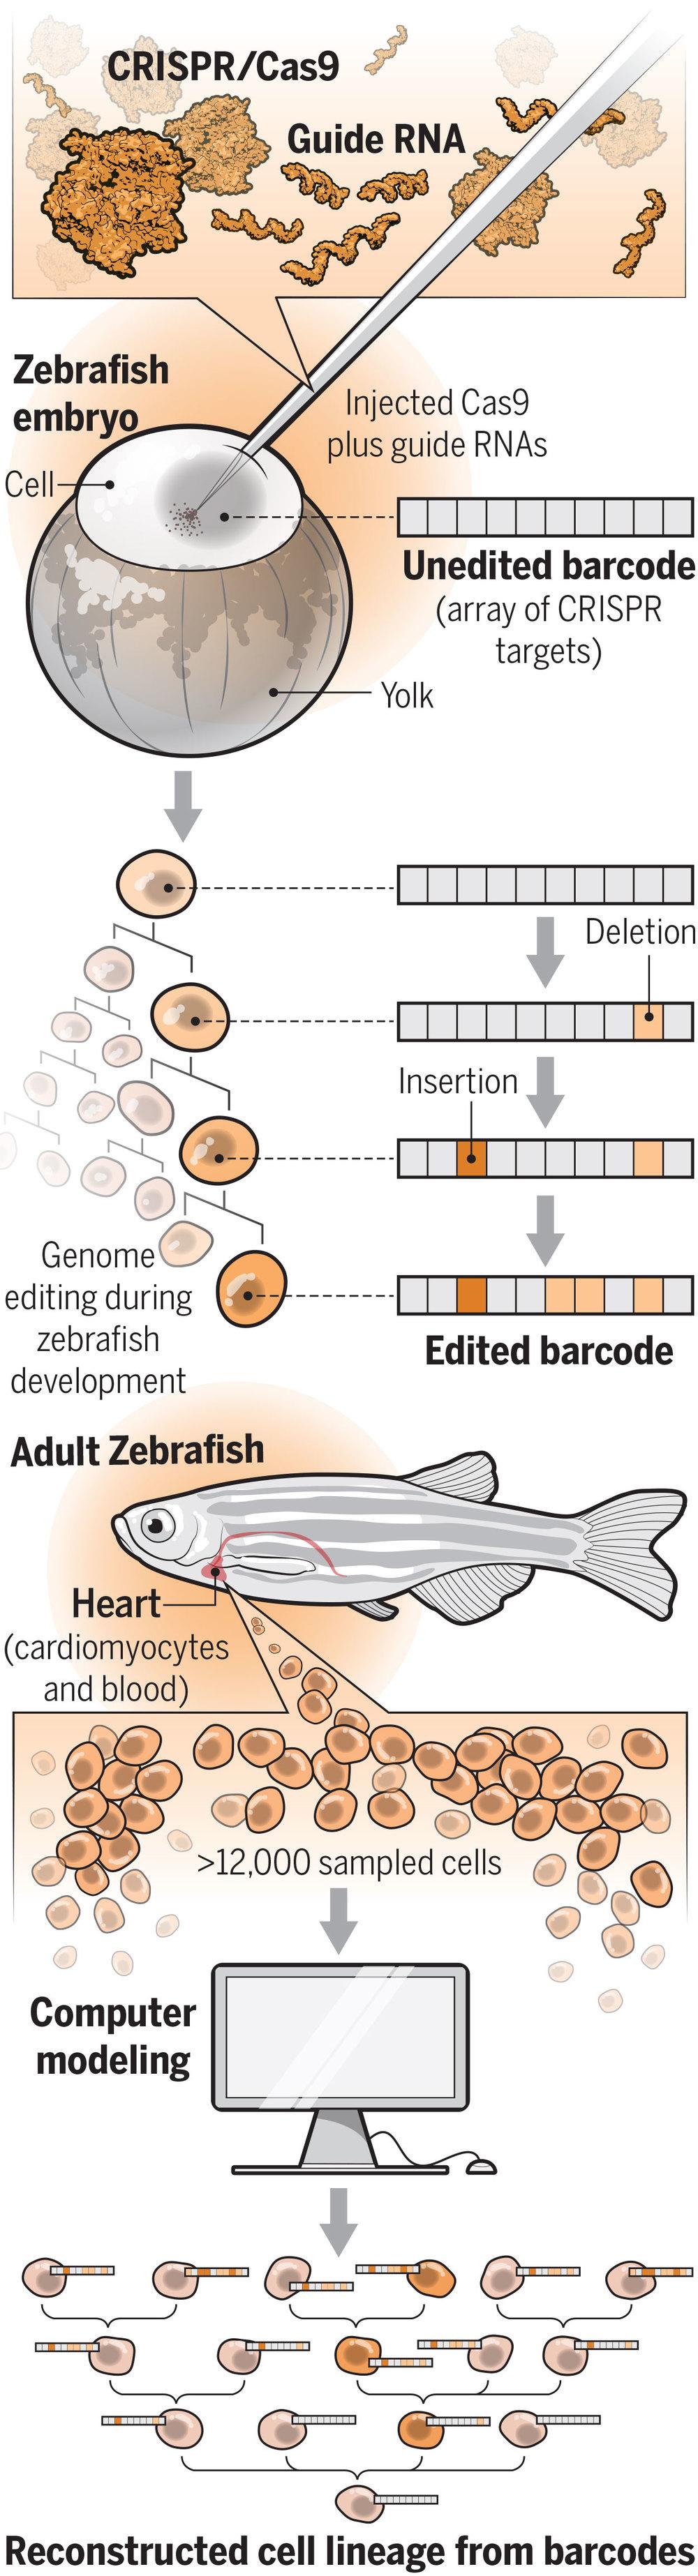 CRISPR_final_1.1_DRUPAL_highres.jpg